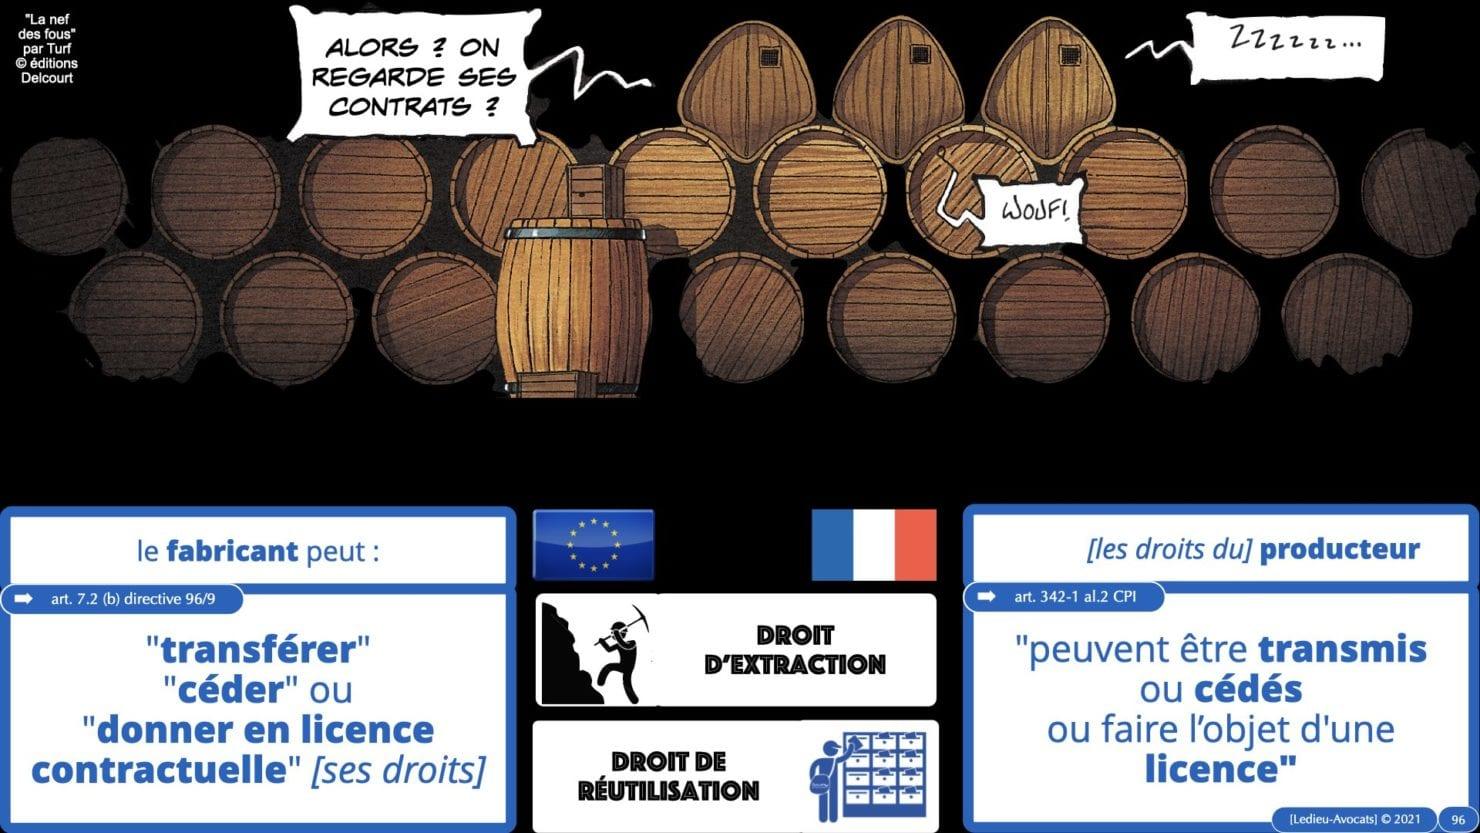 334 extraction indexation BASE DE DONNEES © Ledieu-avocat 24-05-2021.096